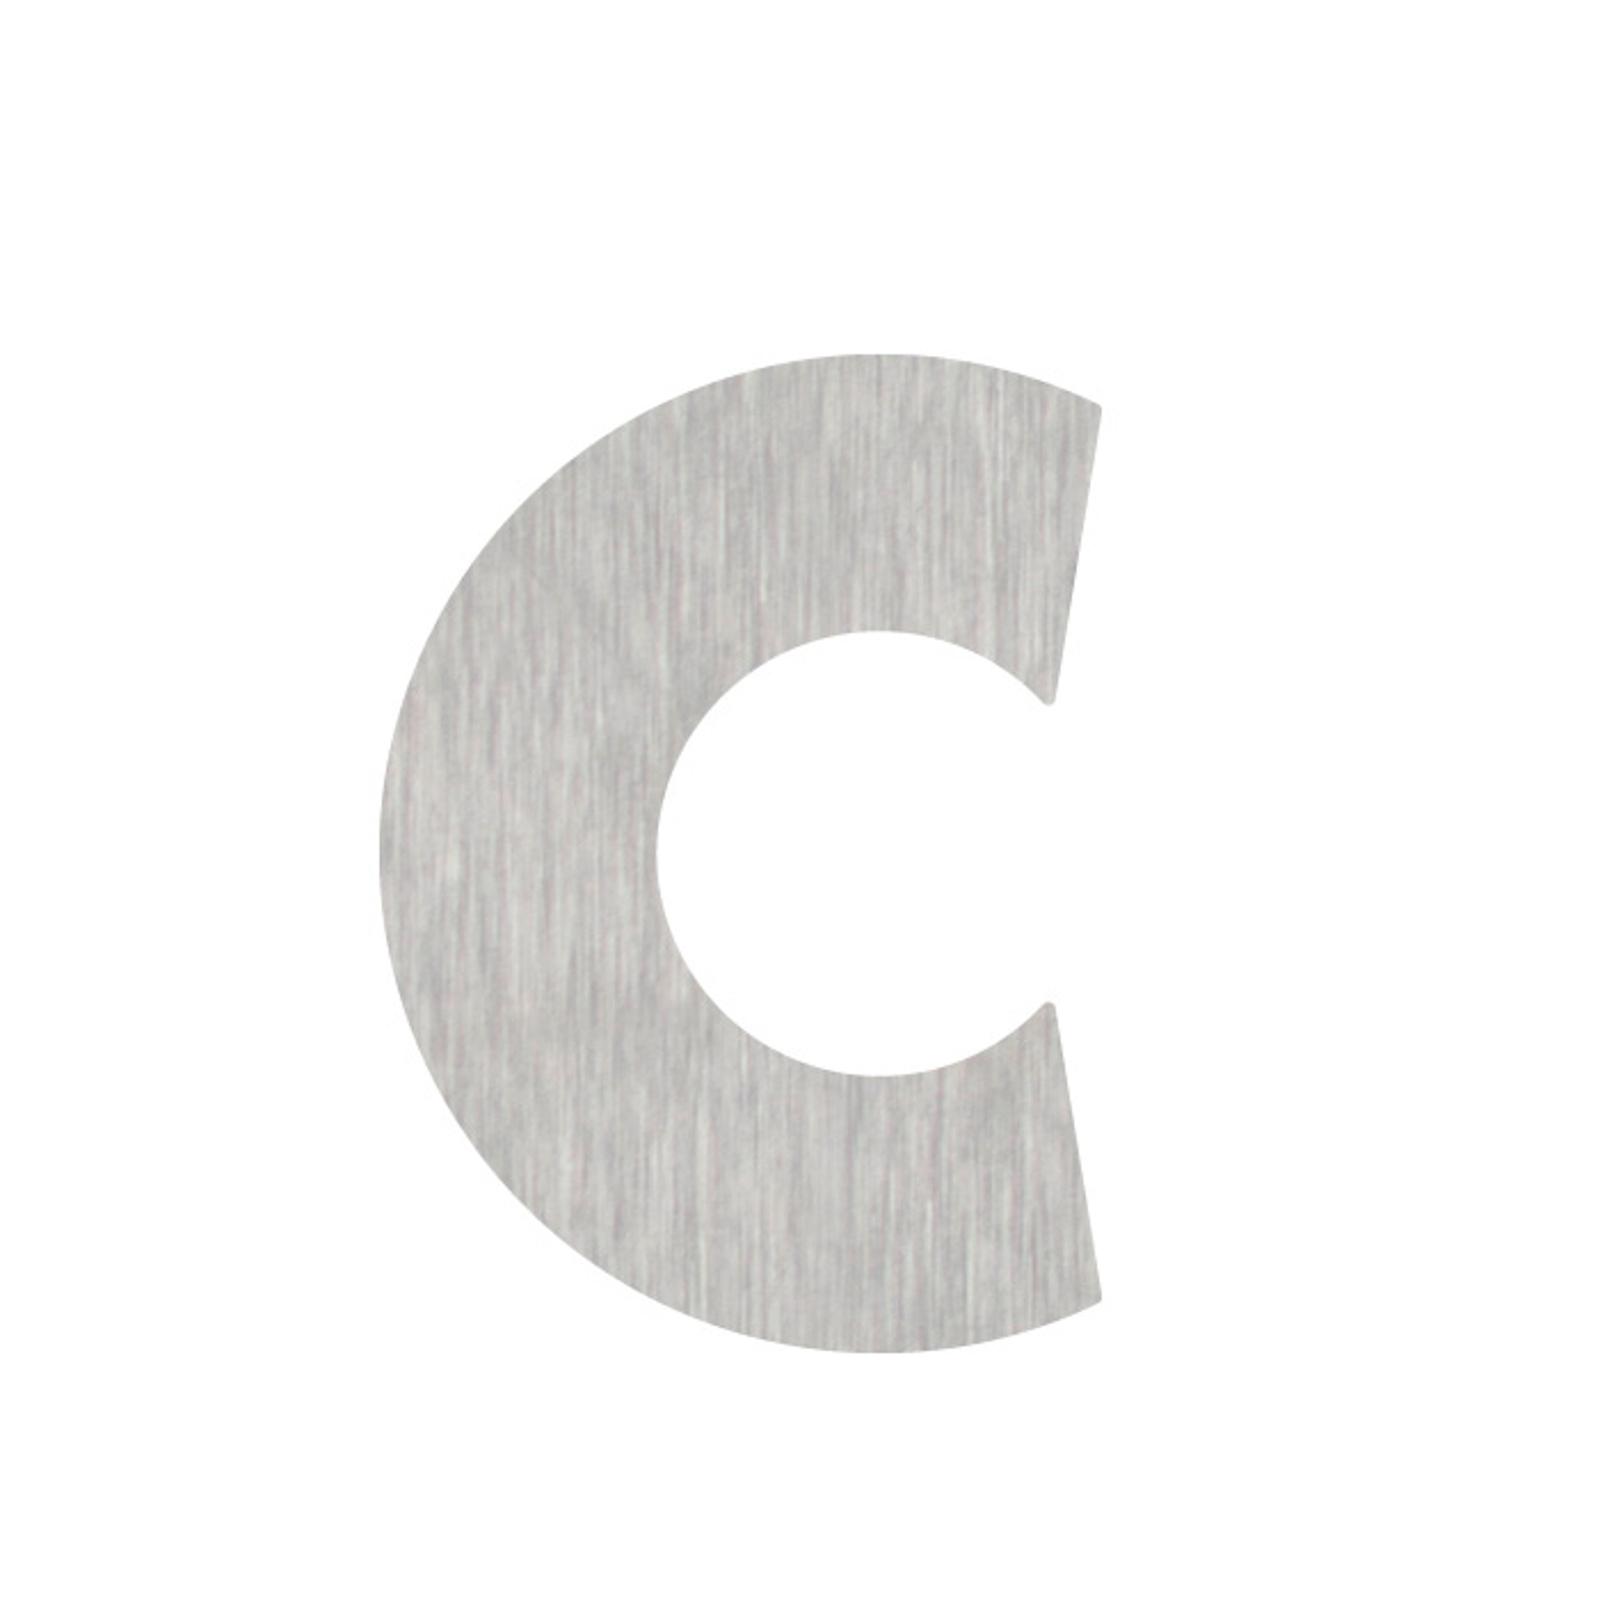 Domovní čísla písmeno c